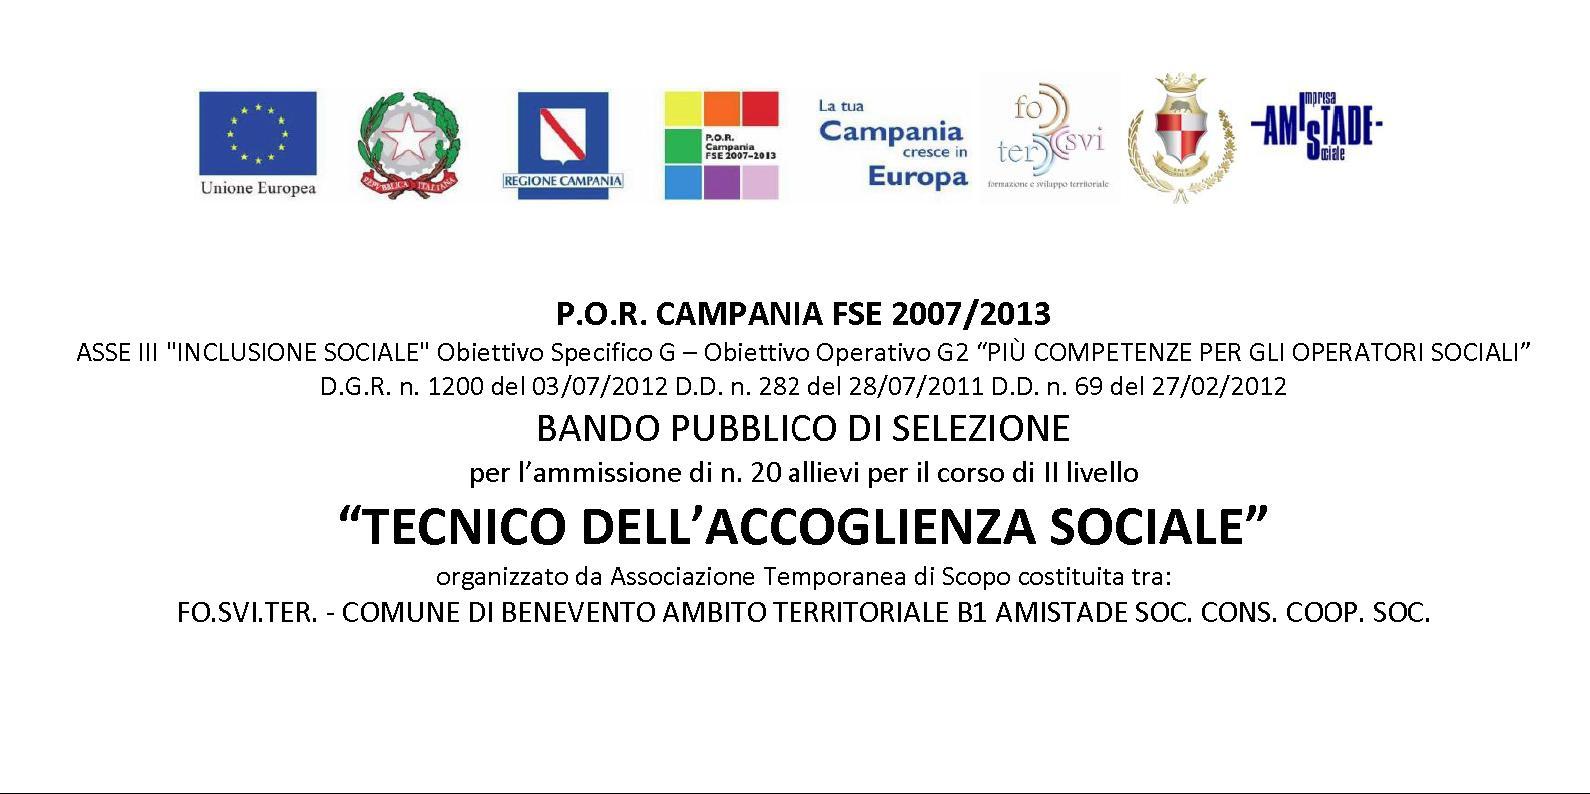 tecnico_accoglienza_sociale